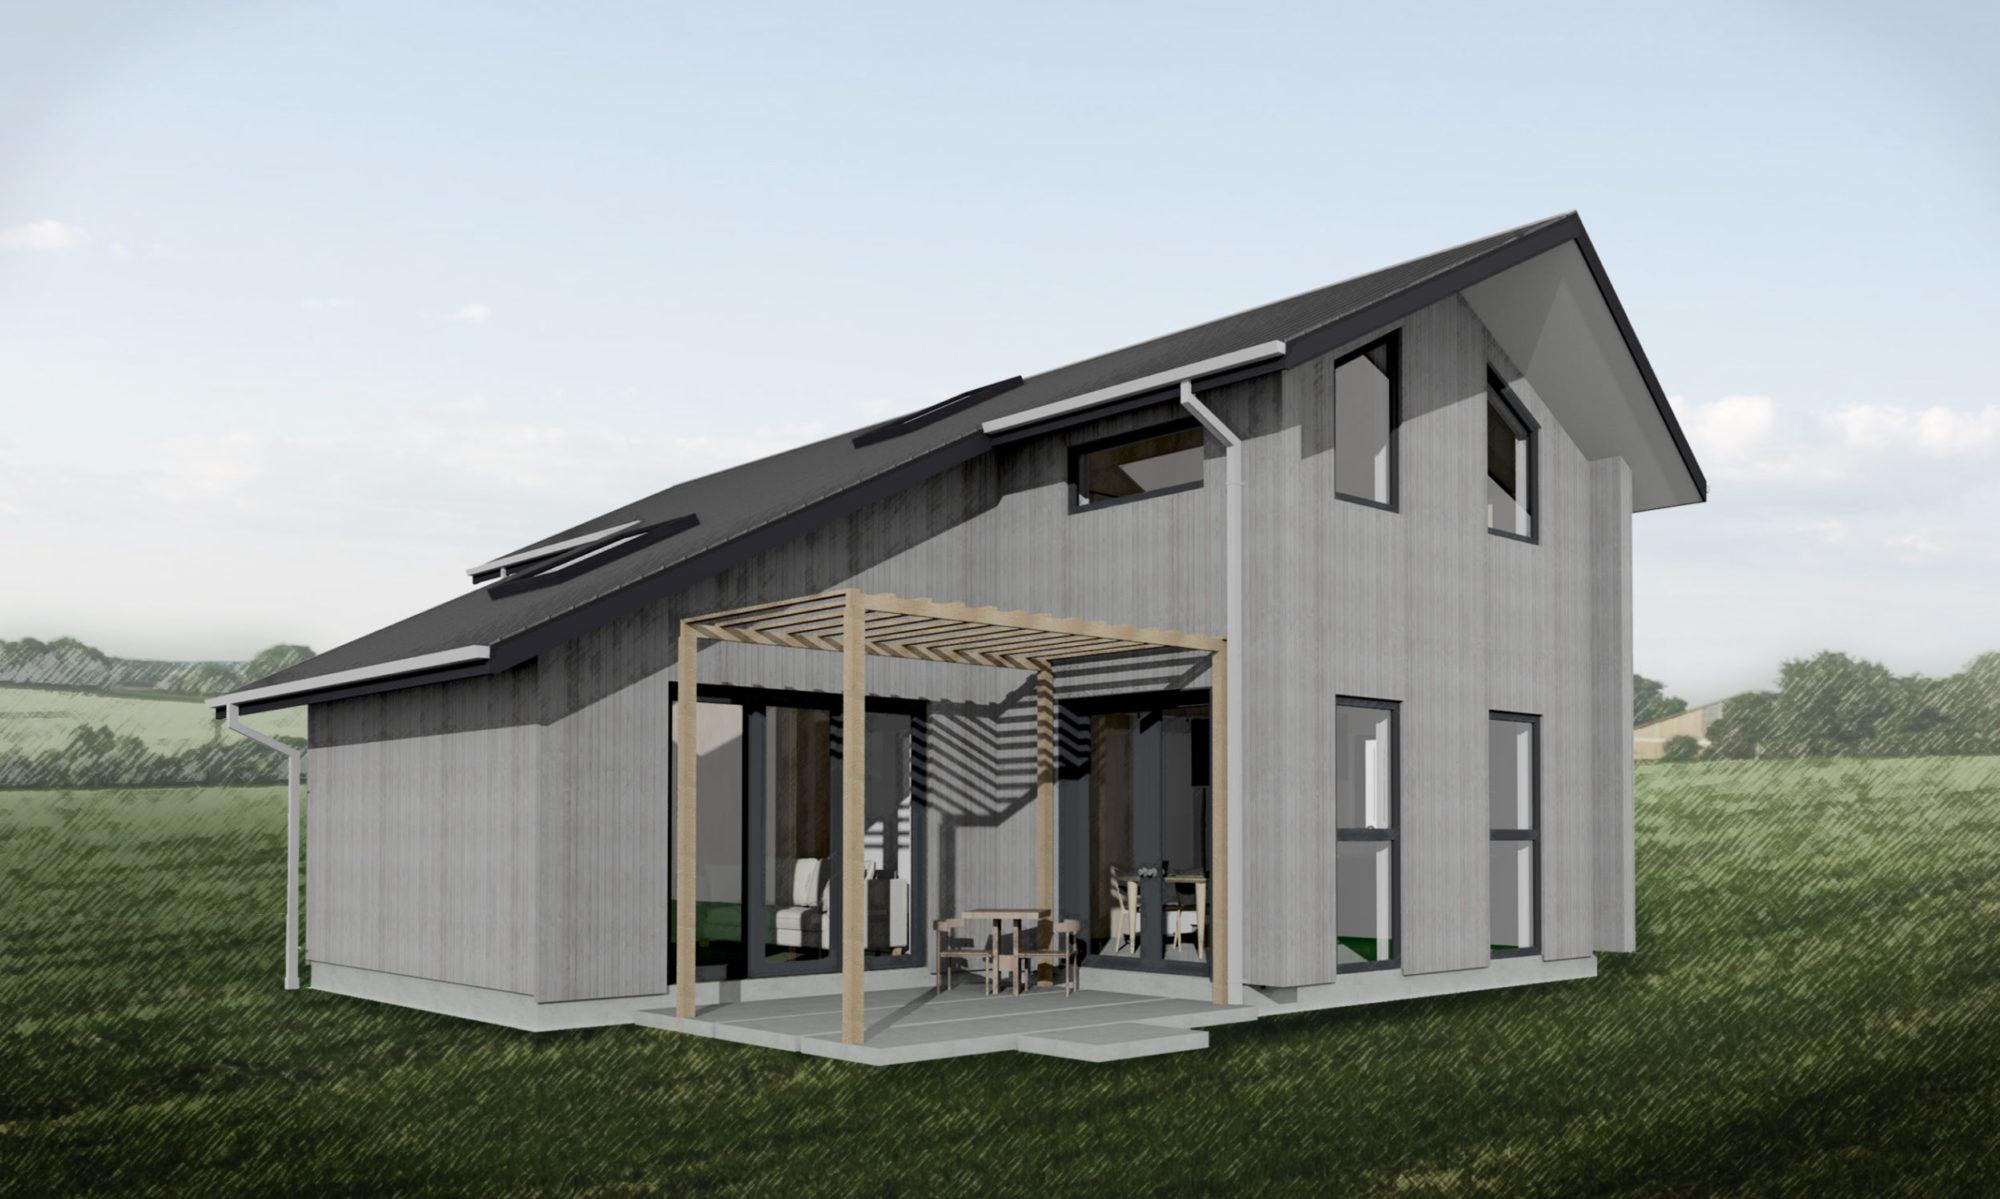 Green Perspective Design Studio